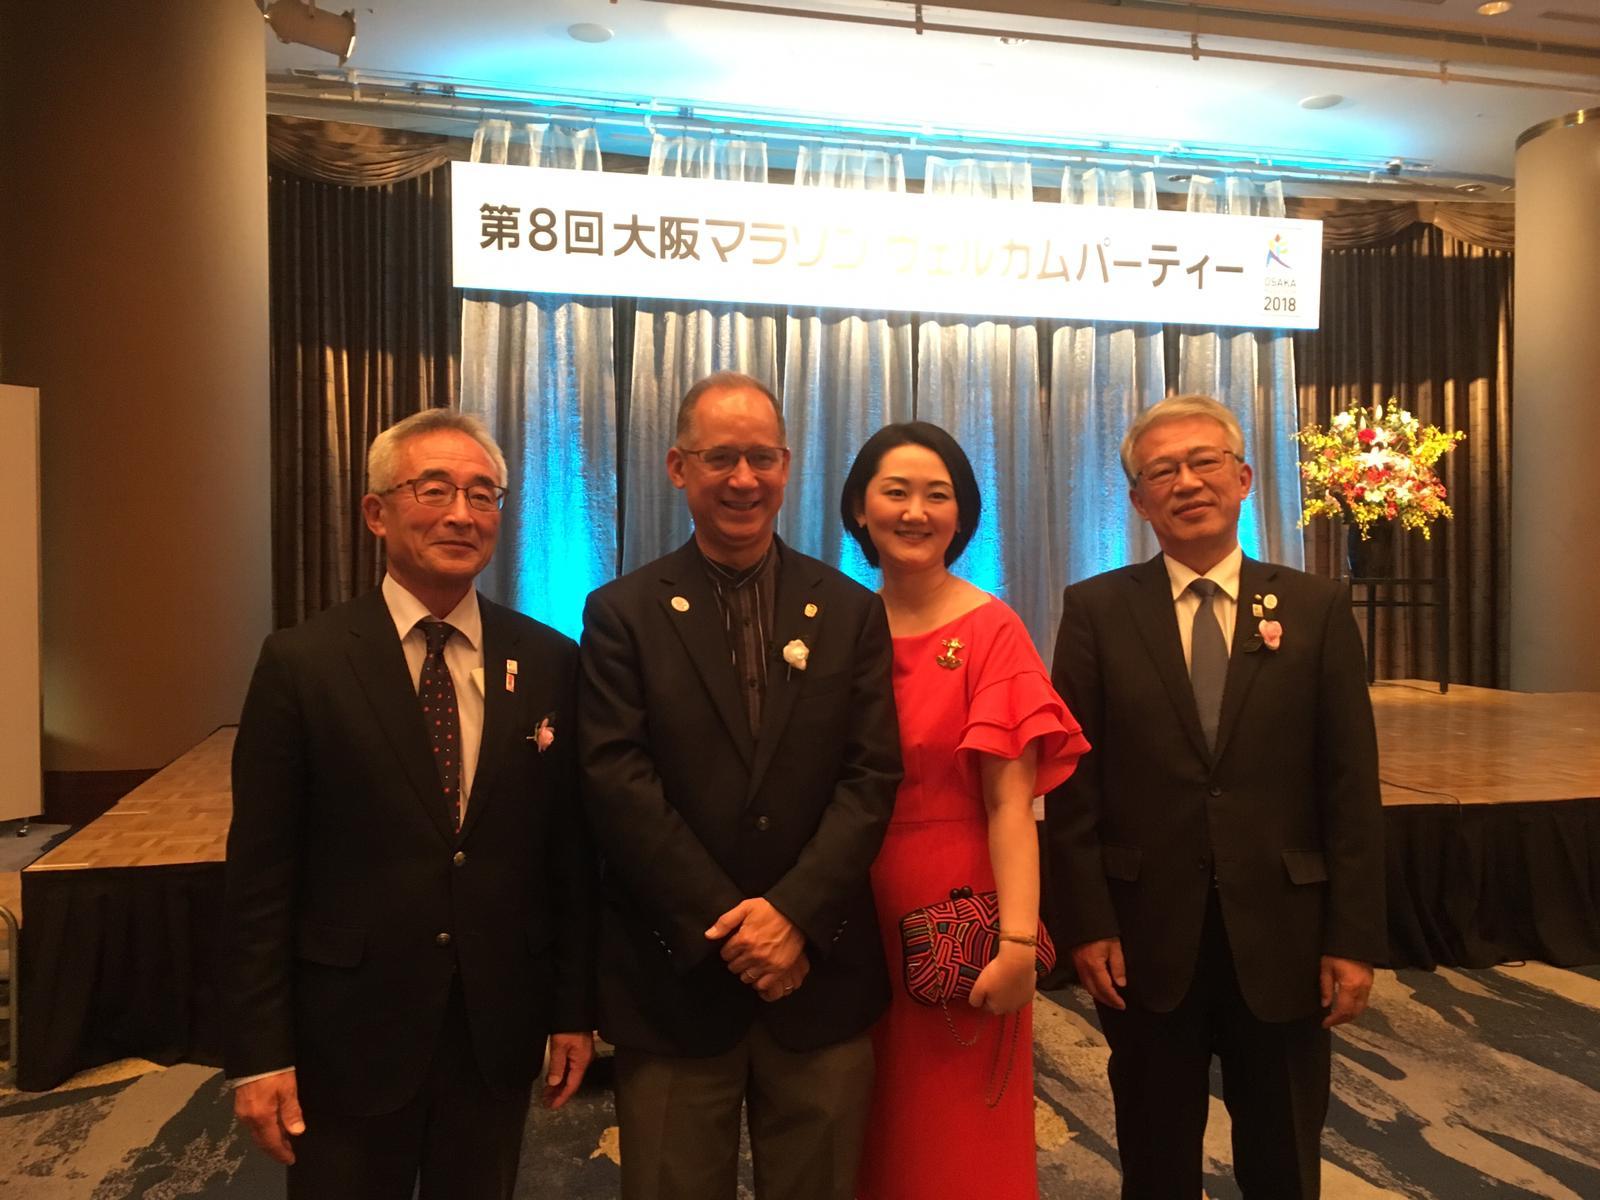 大阪体育協会会長(左)と大阪副市長(右)とともに